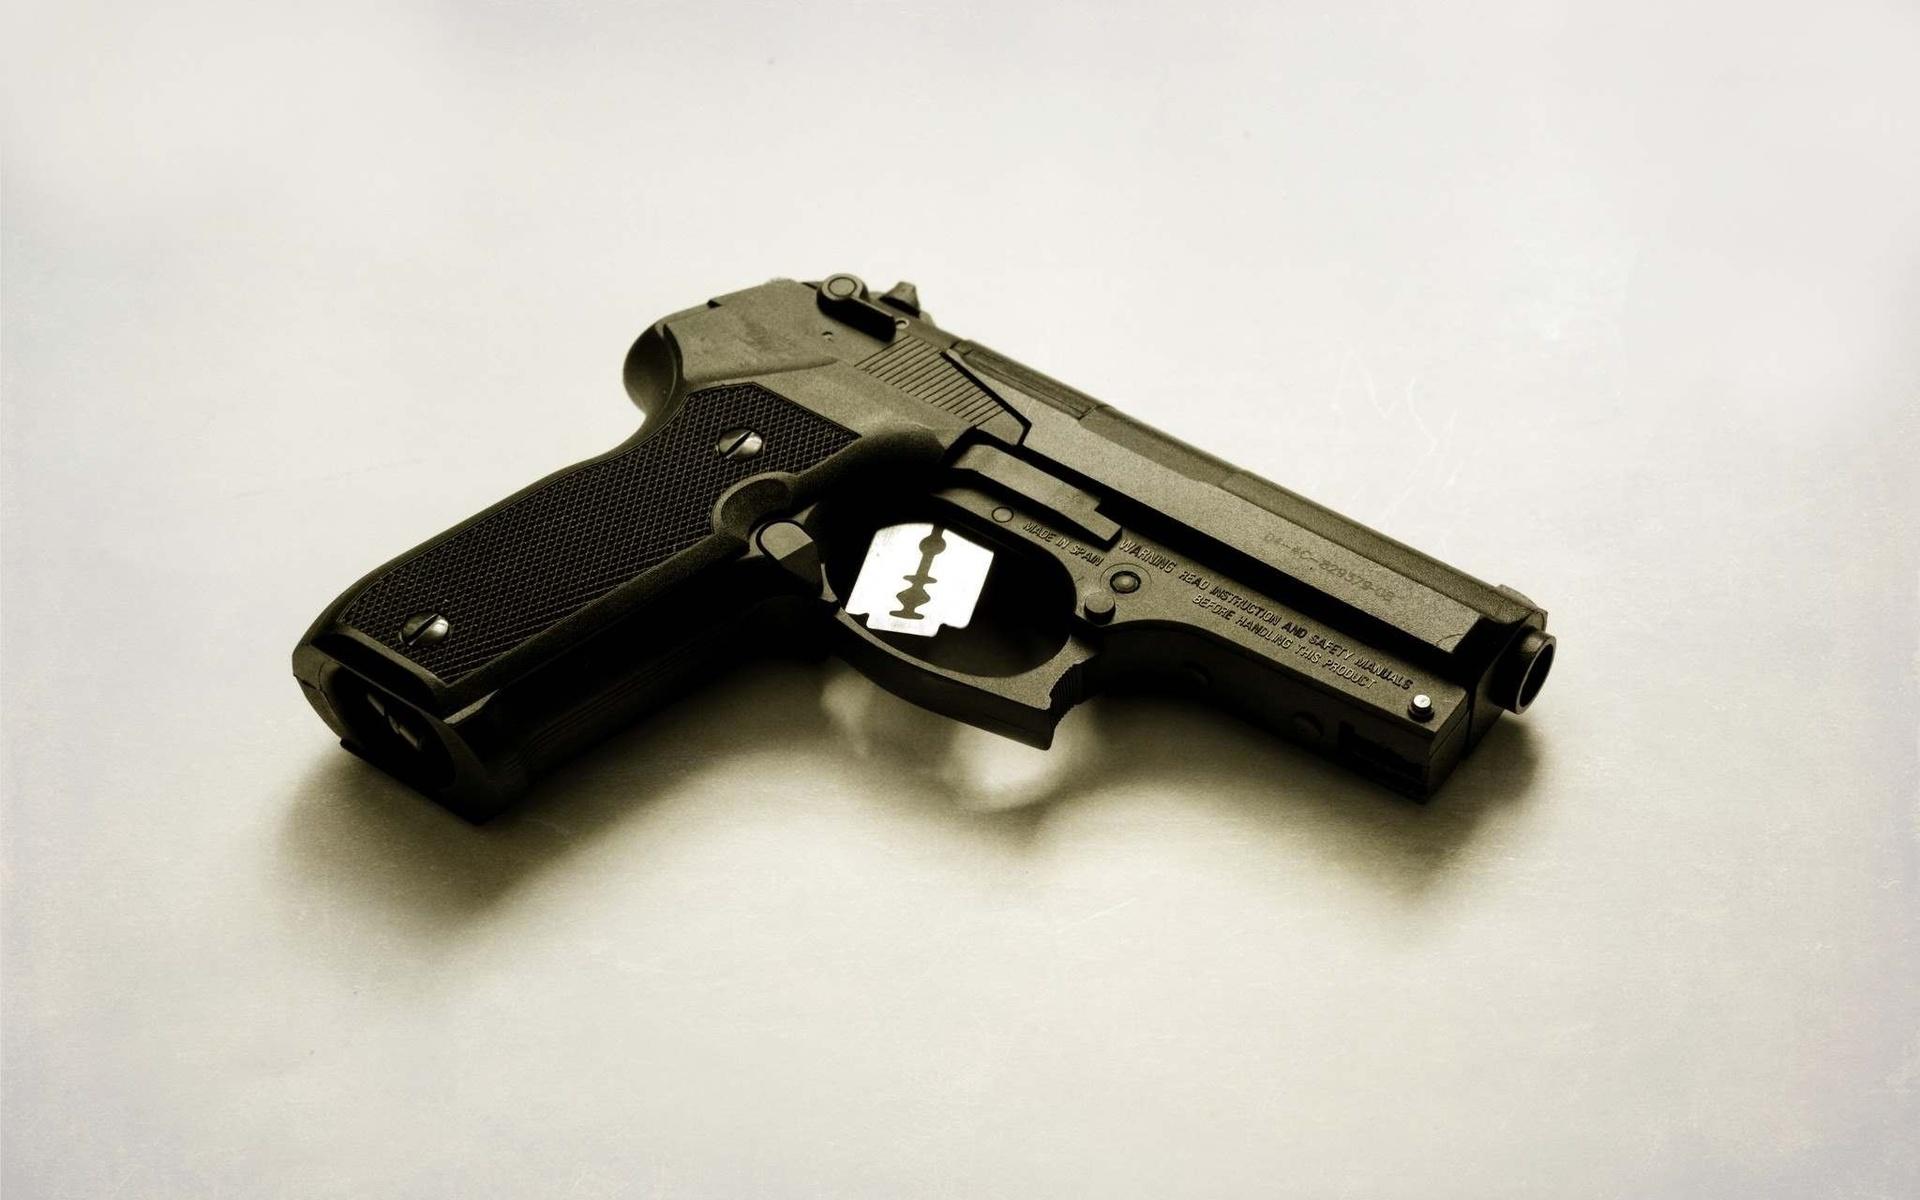 Приколы, картинки смешных пистолетов